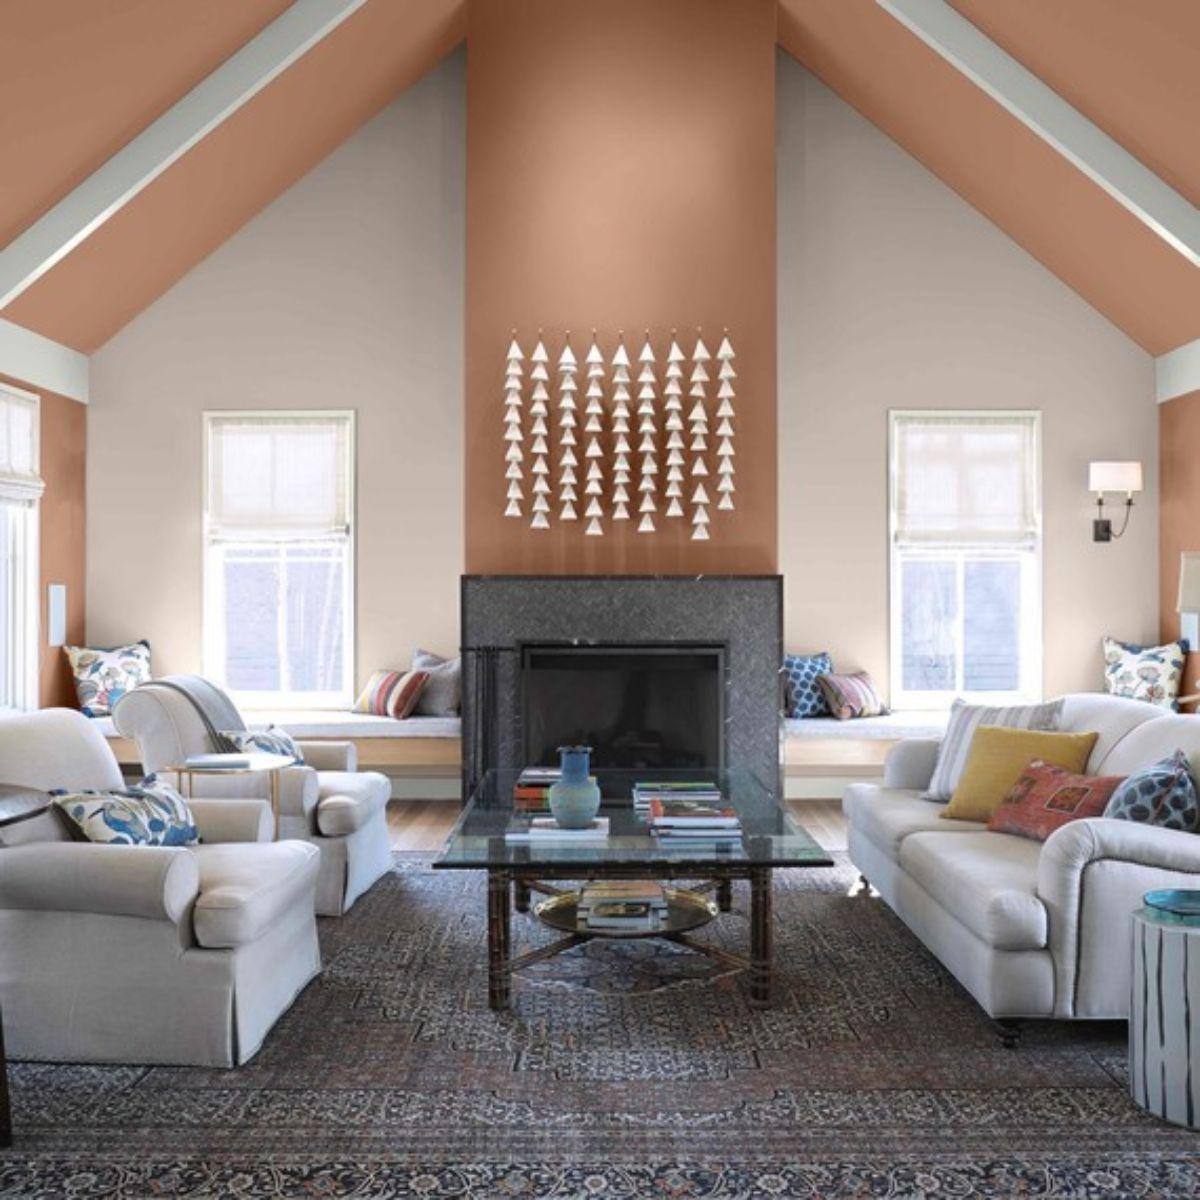 behr paint color combo brown orange 0719 sq